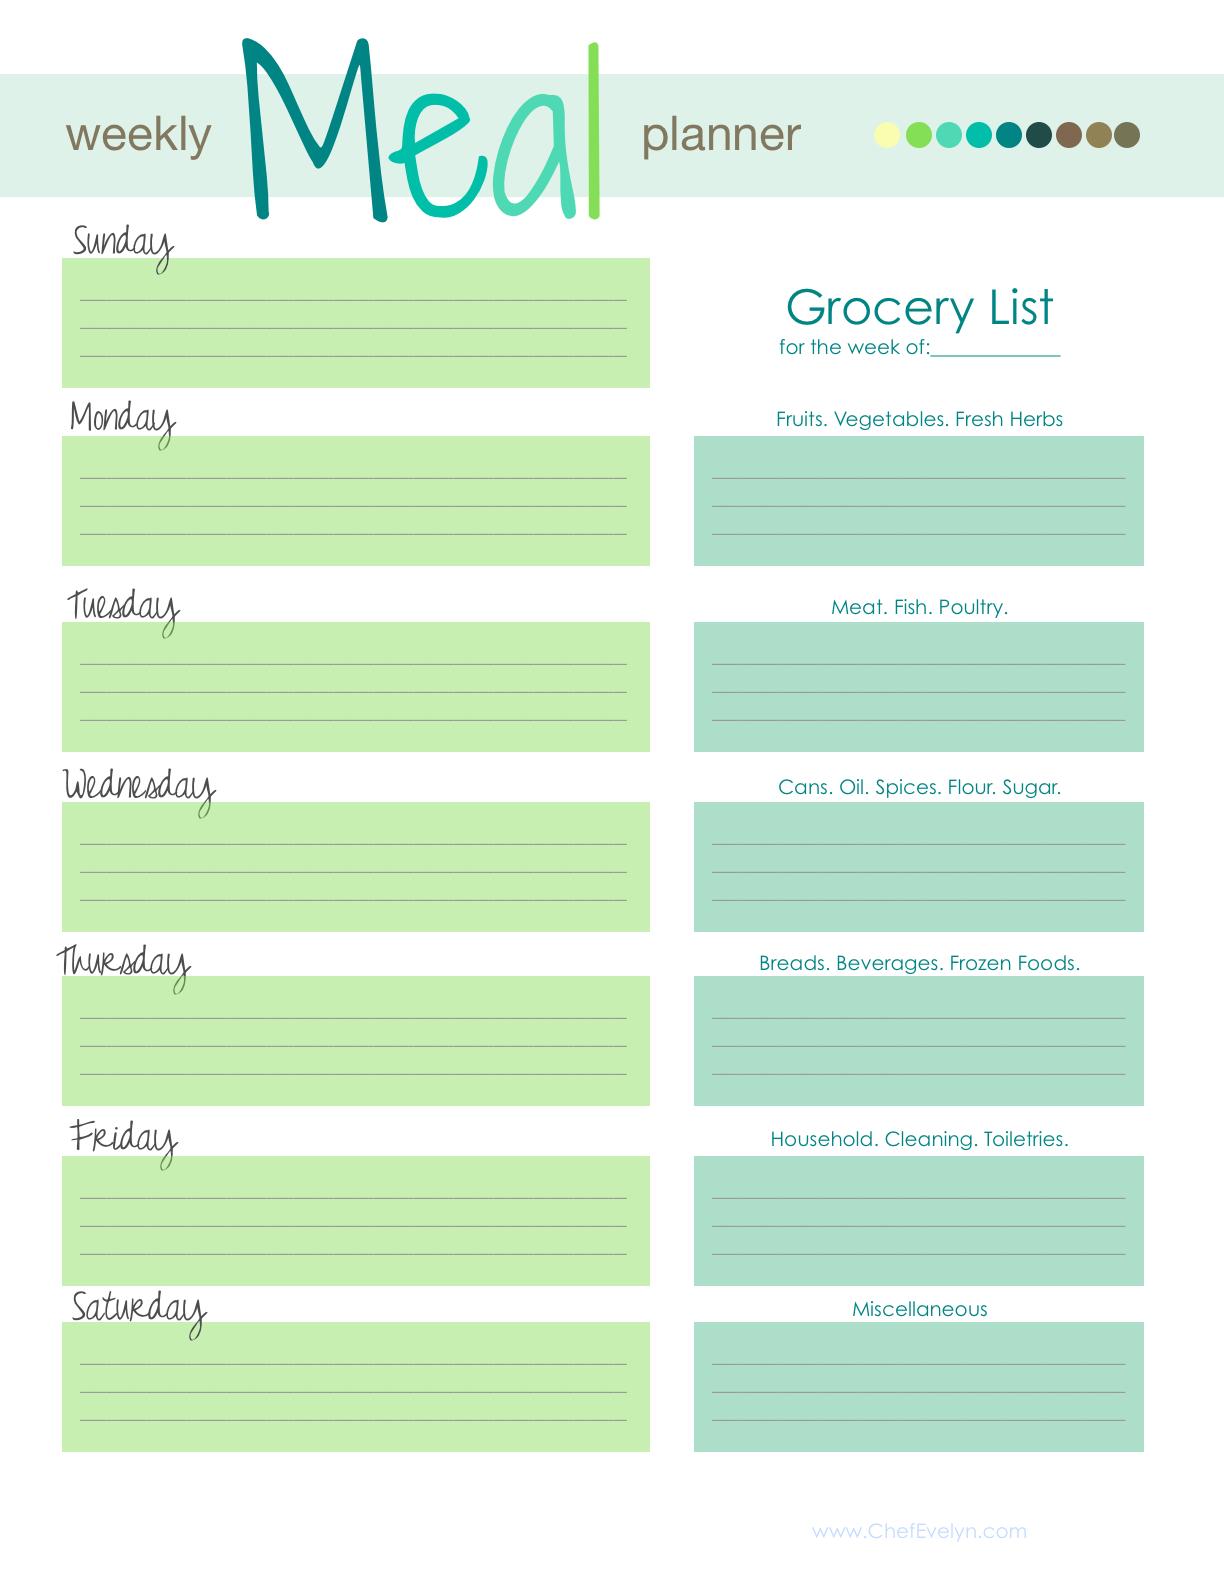 Free Weekly Meal/Menu Planner